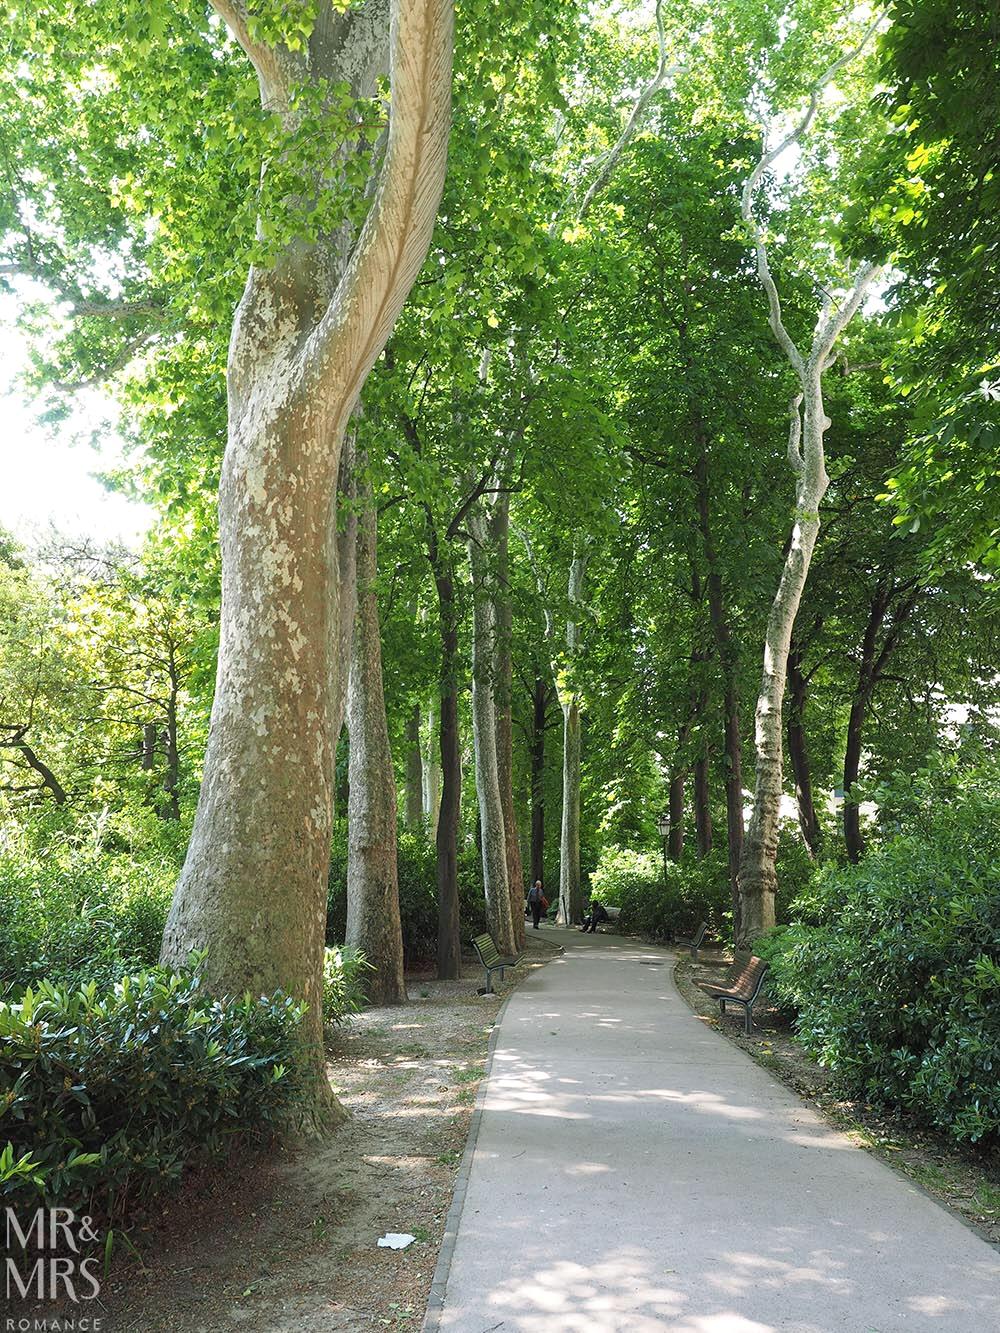 Trieste guide - gardens